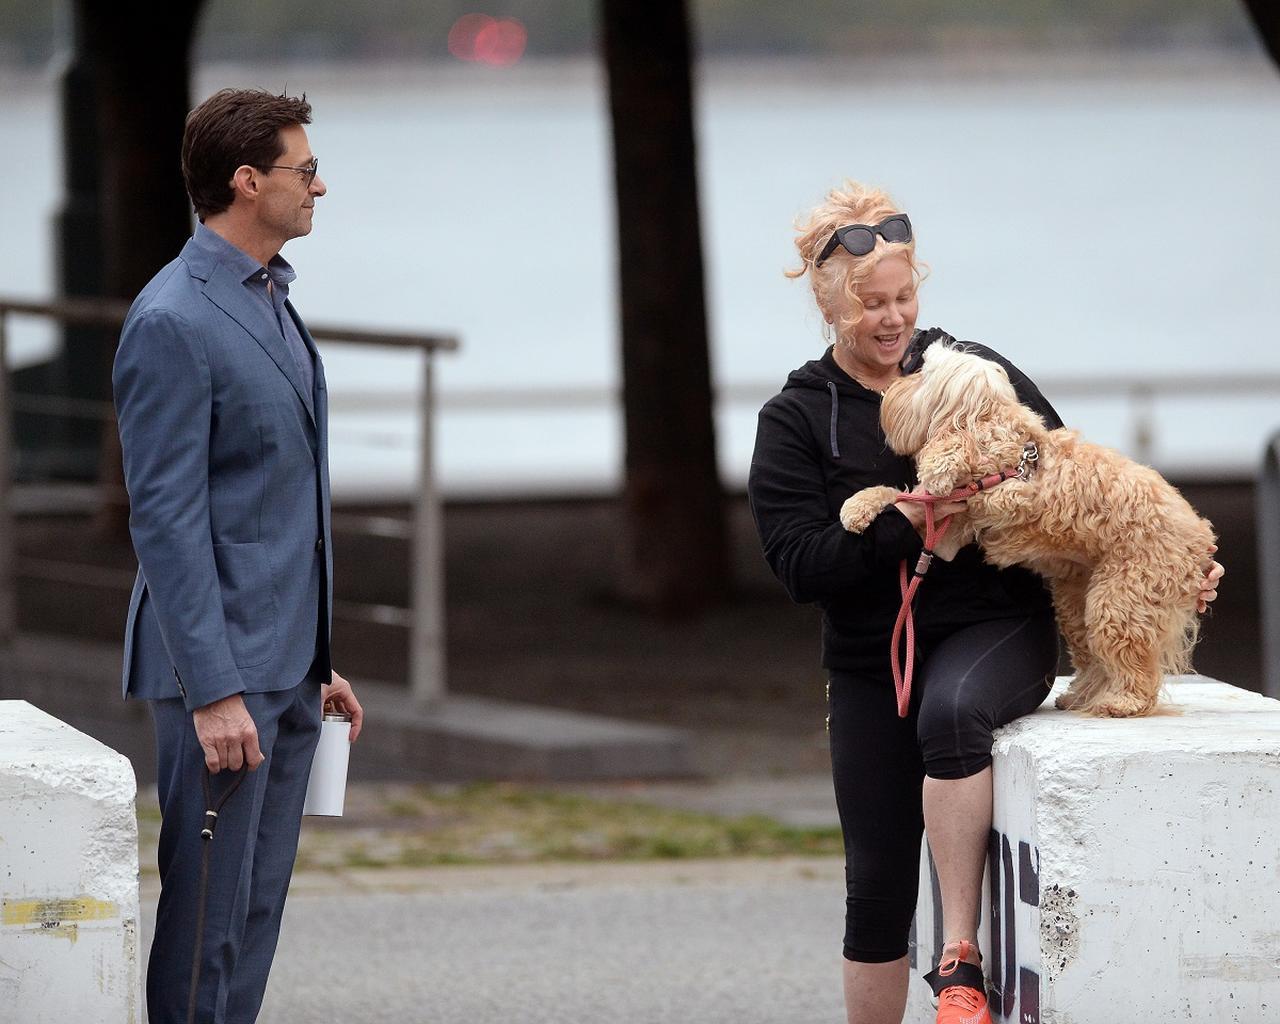 画像4: ヒュー・ジャックマン、スーツ姿で愛犬散歩する様子が絵になりすぎる